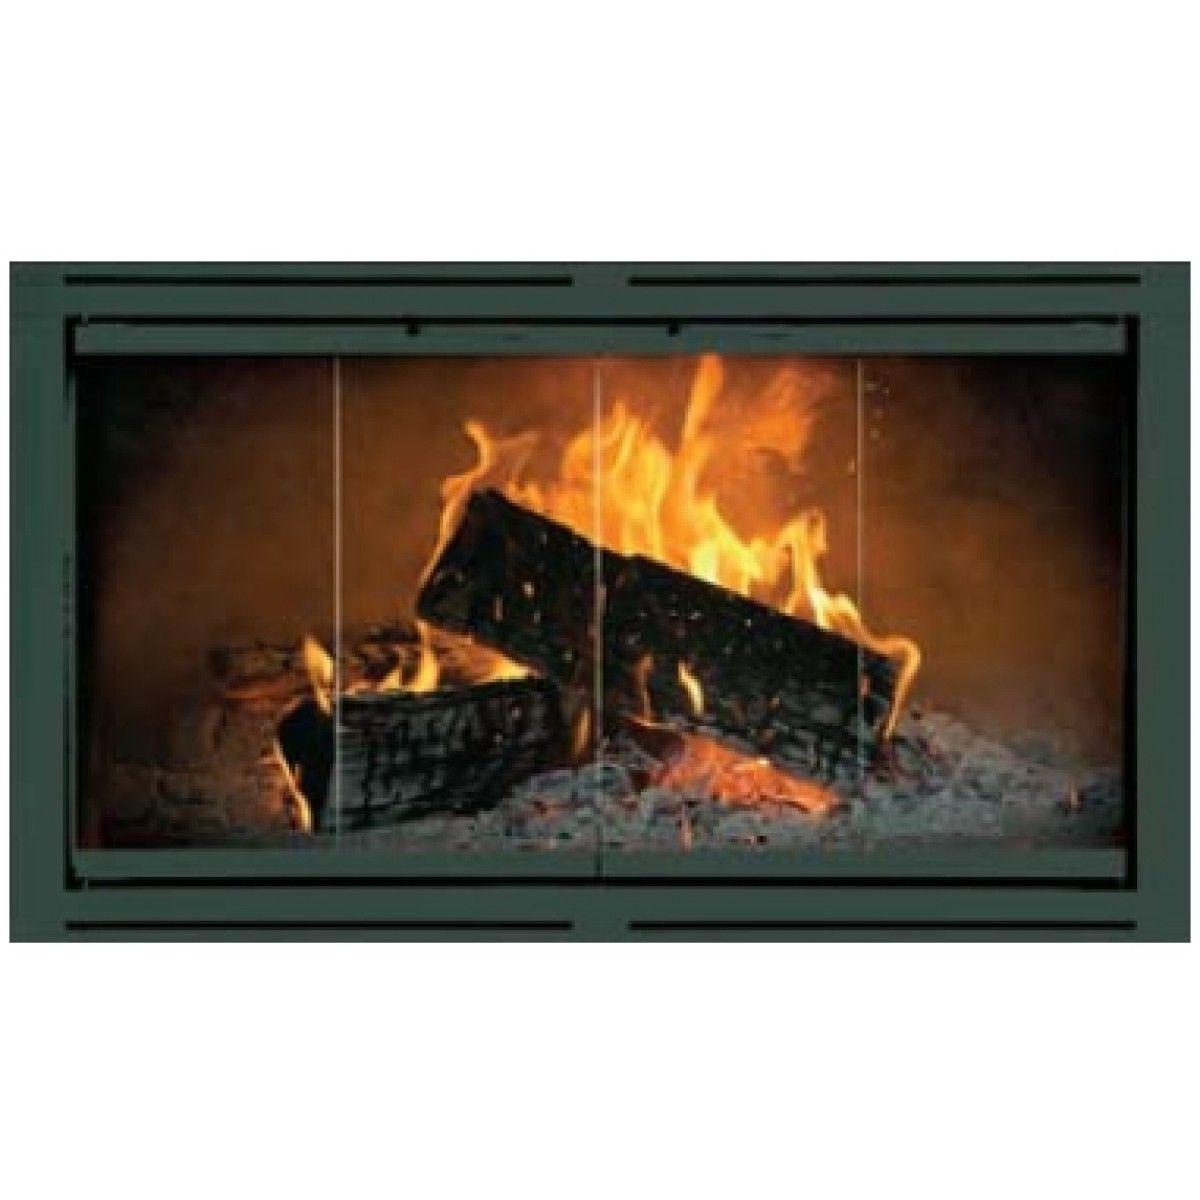 Shop Heatilator Fireplace Doors Brick Anew Free Shipping Fireplace Doors Heatilator Fireplace Fireplace